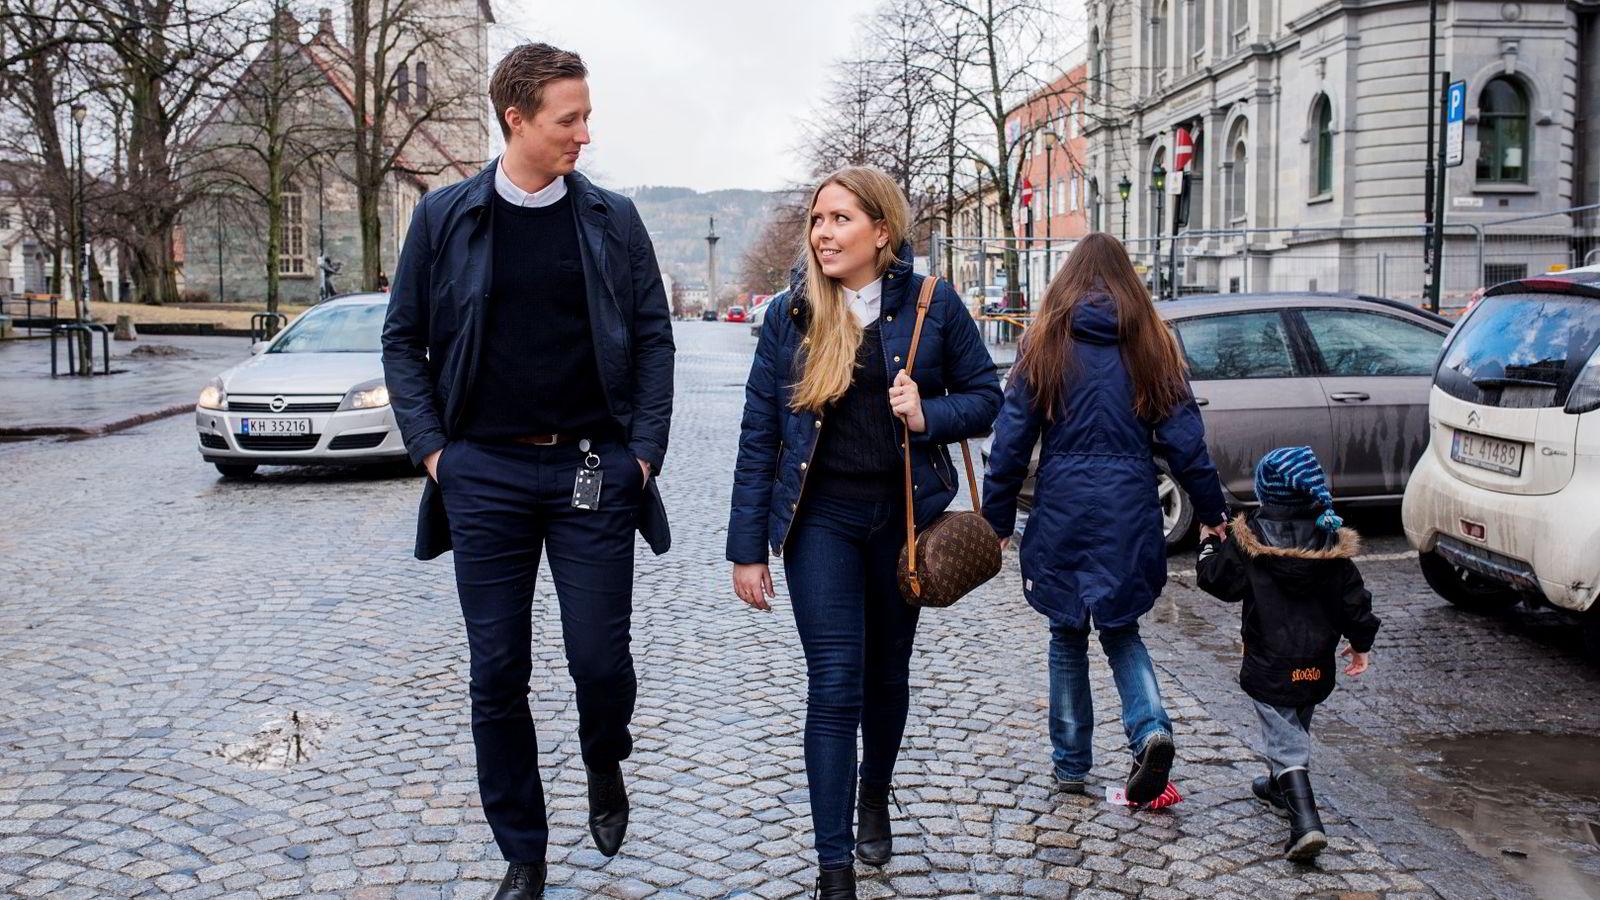 Erik Forseth og Maria Meland (og Per Alfsen som ikke var tilstede da bildet ble tatt) gjorde det godt i den omfattende spørsmålsrunden i NM i økonomi. Nå må trondheimsstudentene forberede seg på caseløsning i finalen.